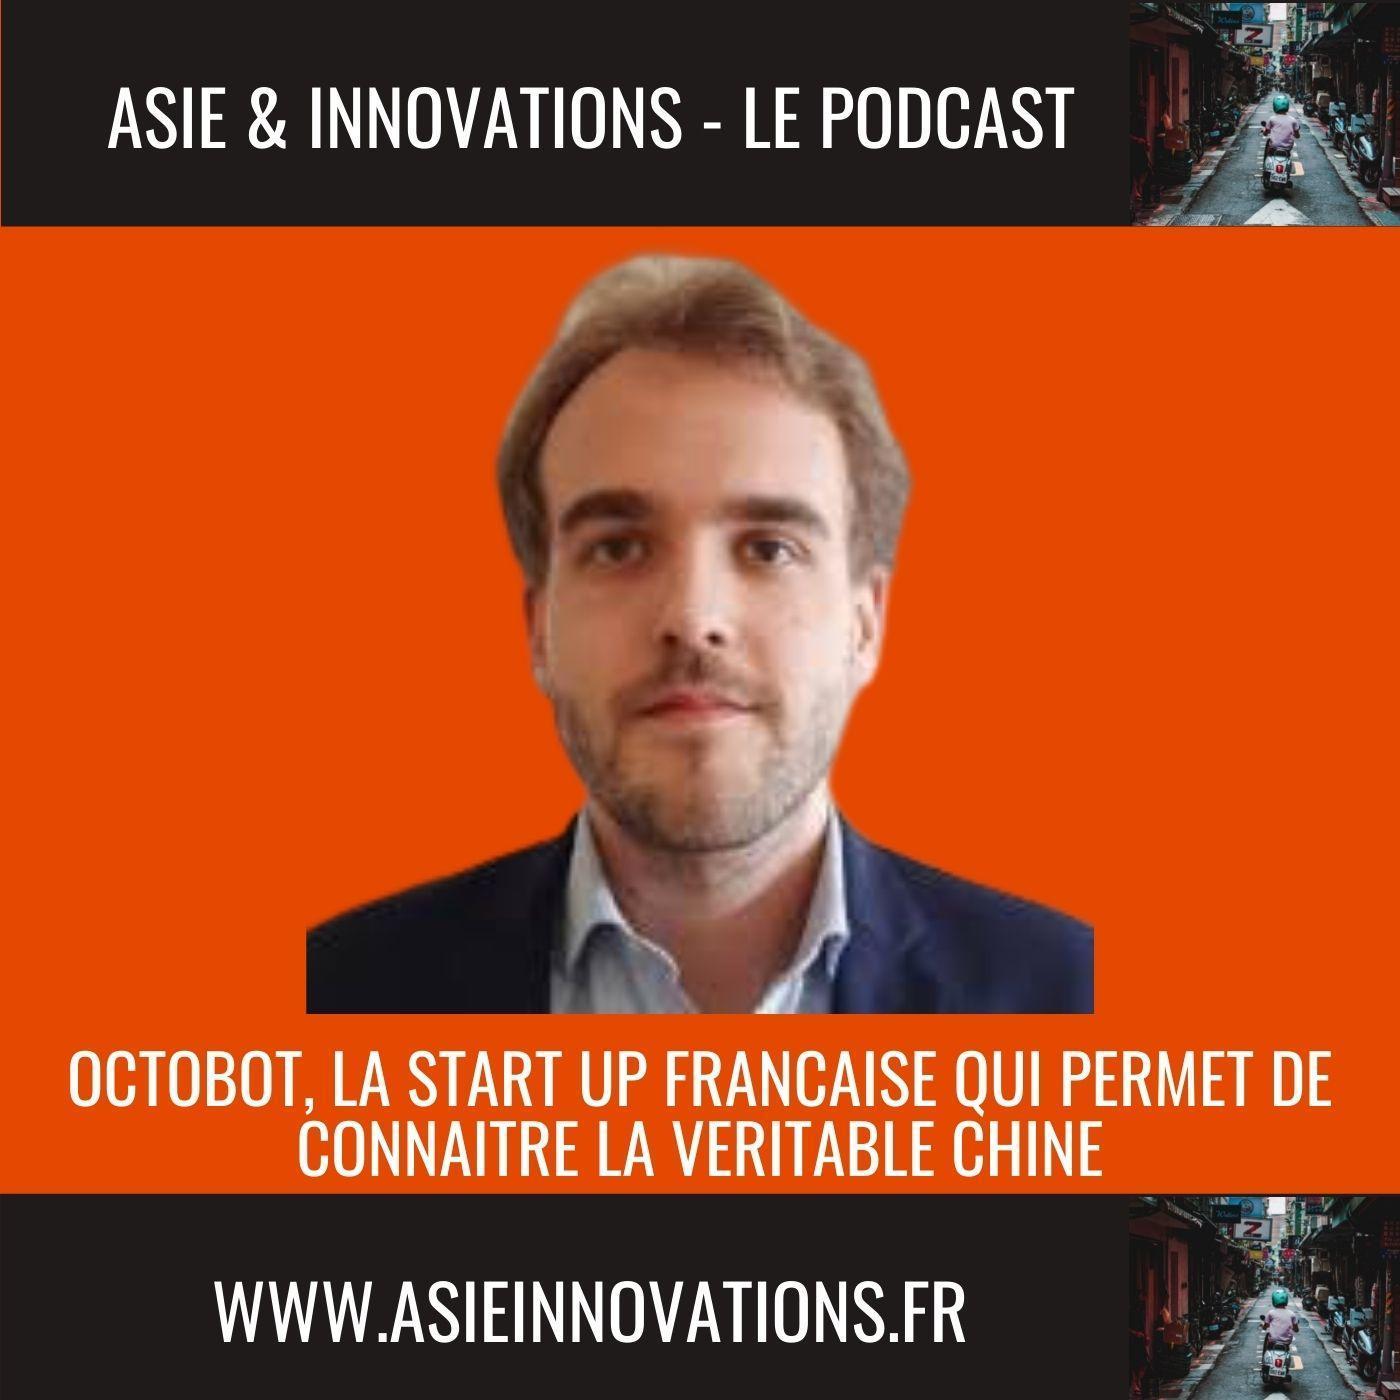 Octobot, la Start Up française qui permet de connaitre la véritable Chine